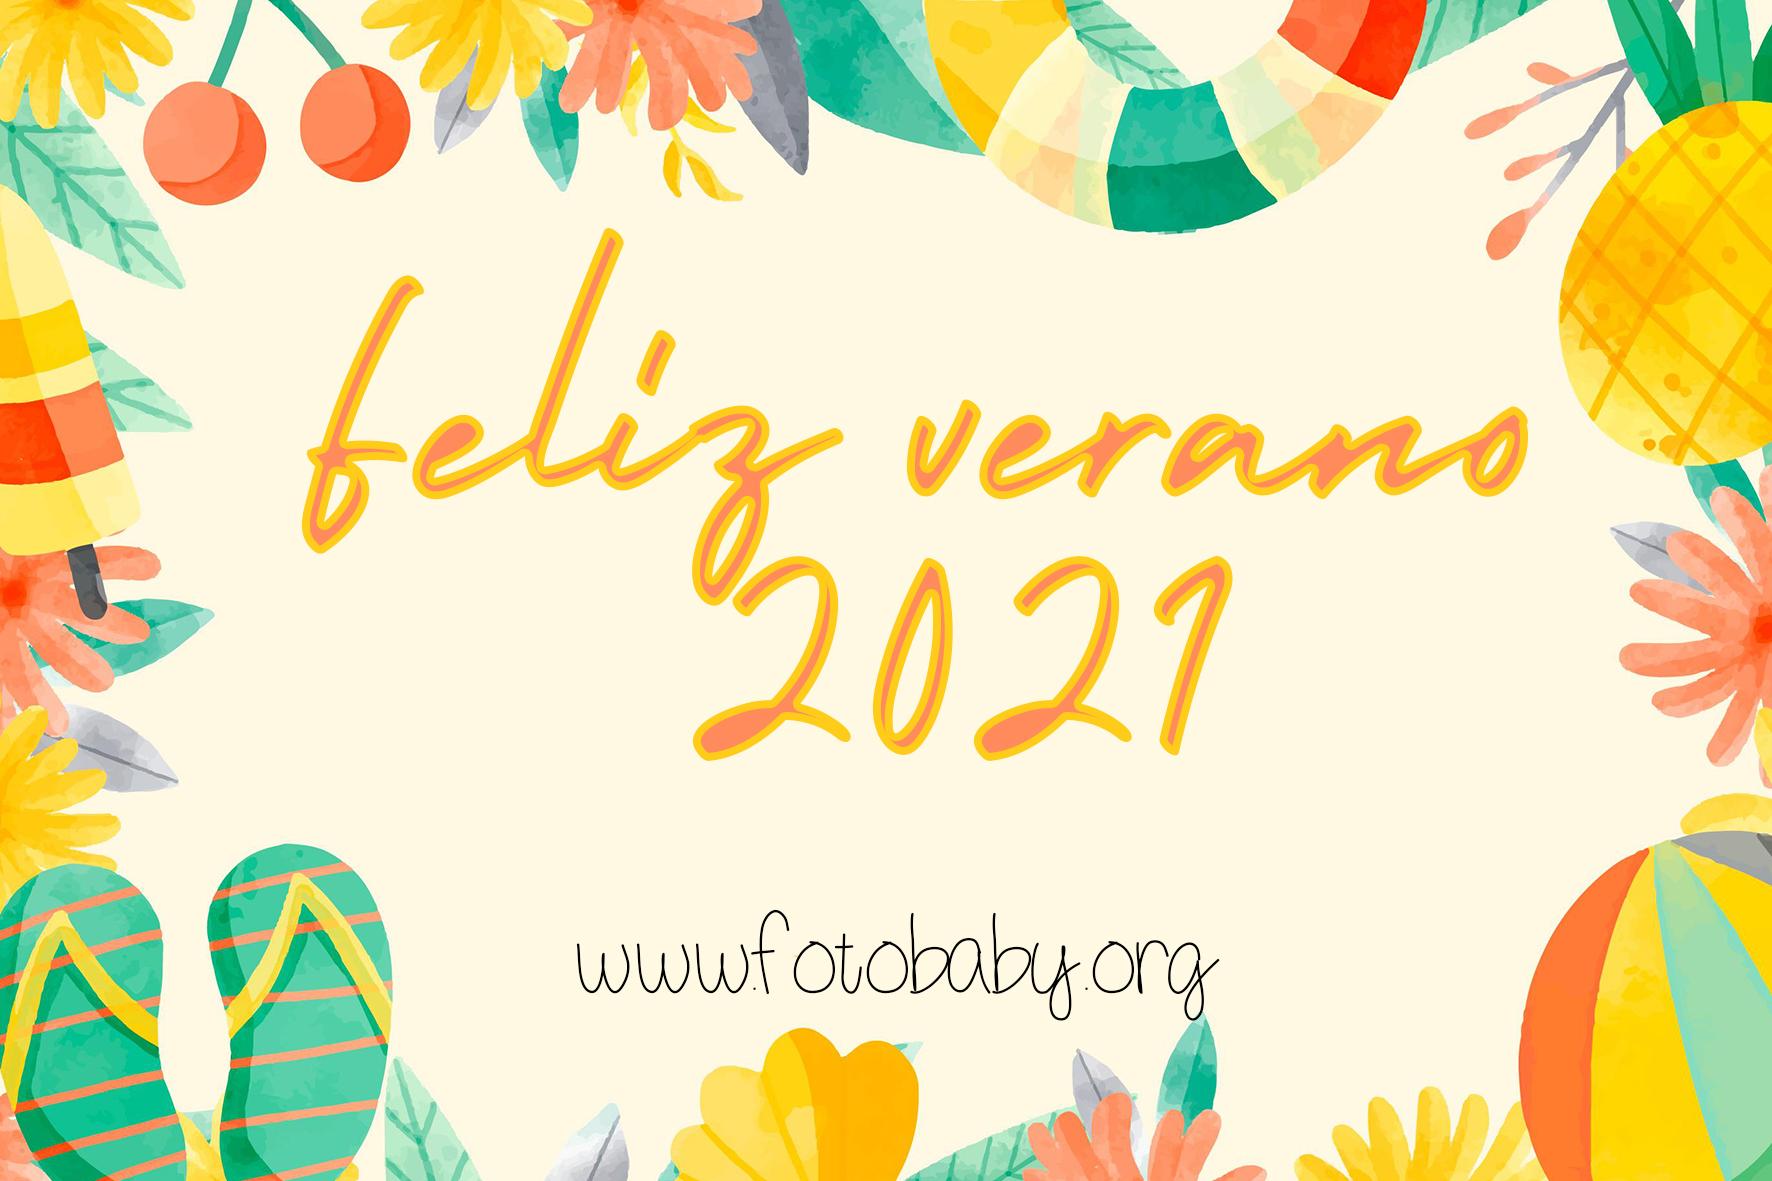 Horario Verano 2021 FotoBaby Granada web